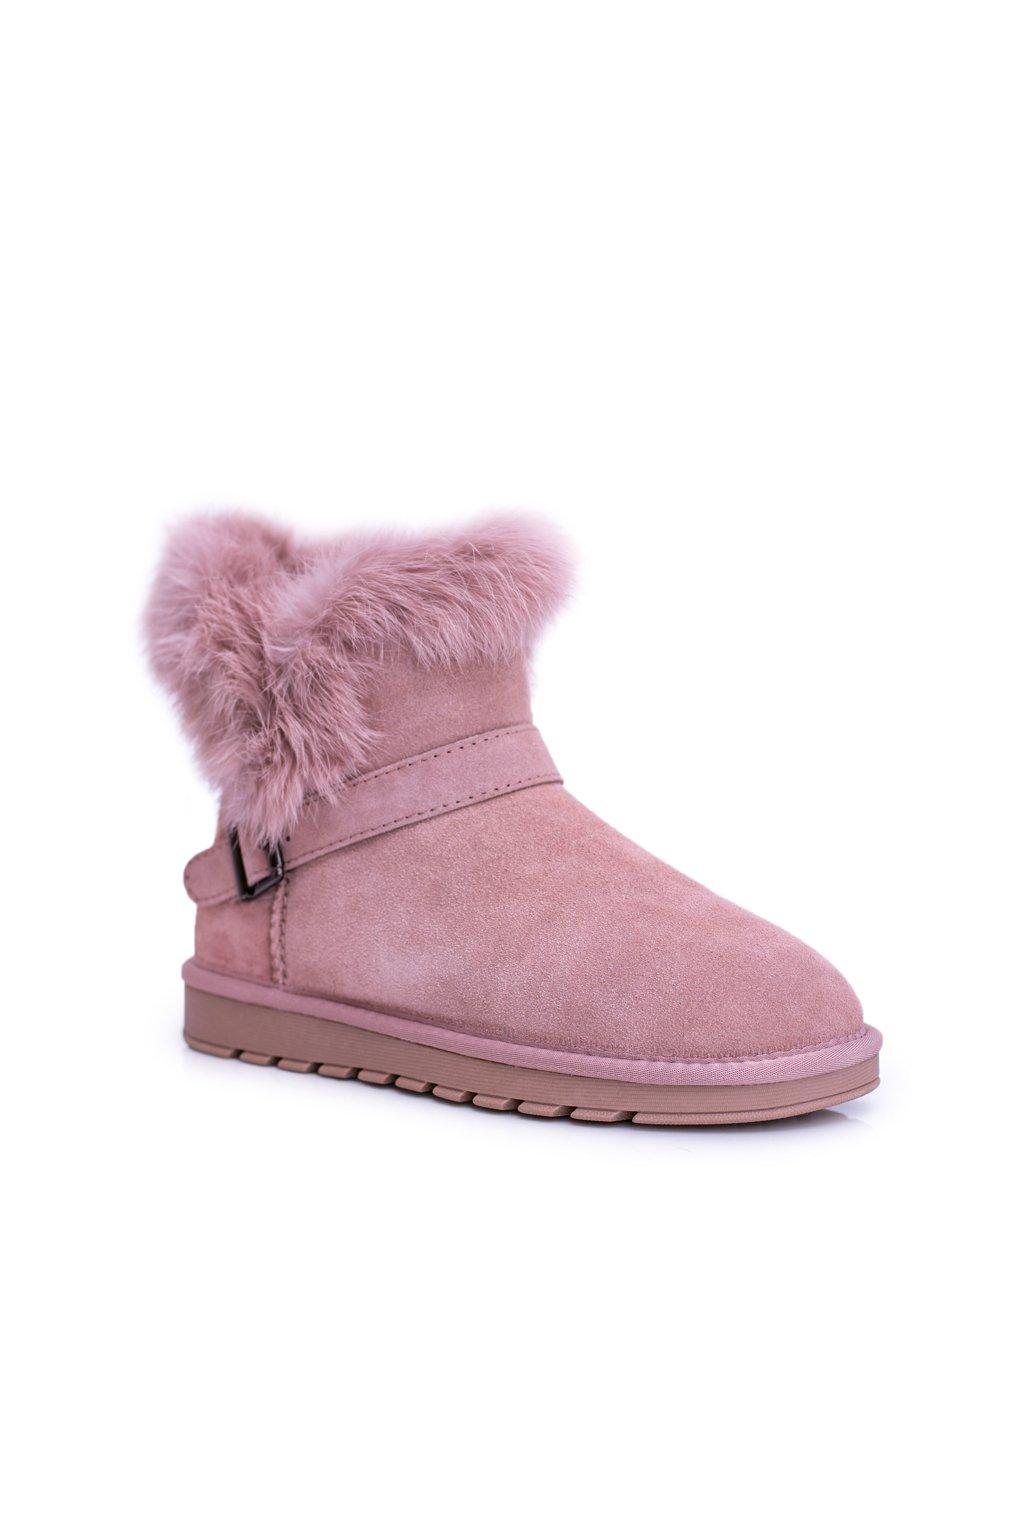 Ružové kožené dámske členkové topánky s kožušinou Arctic